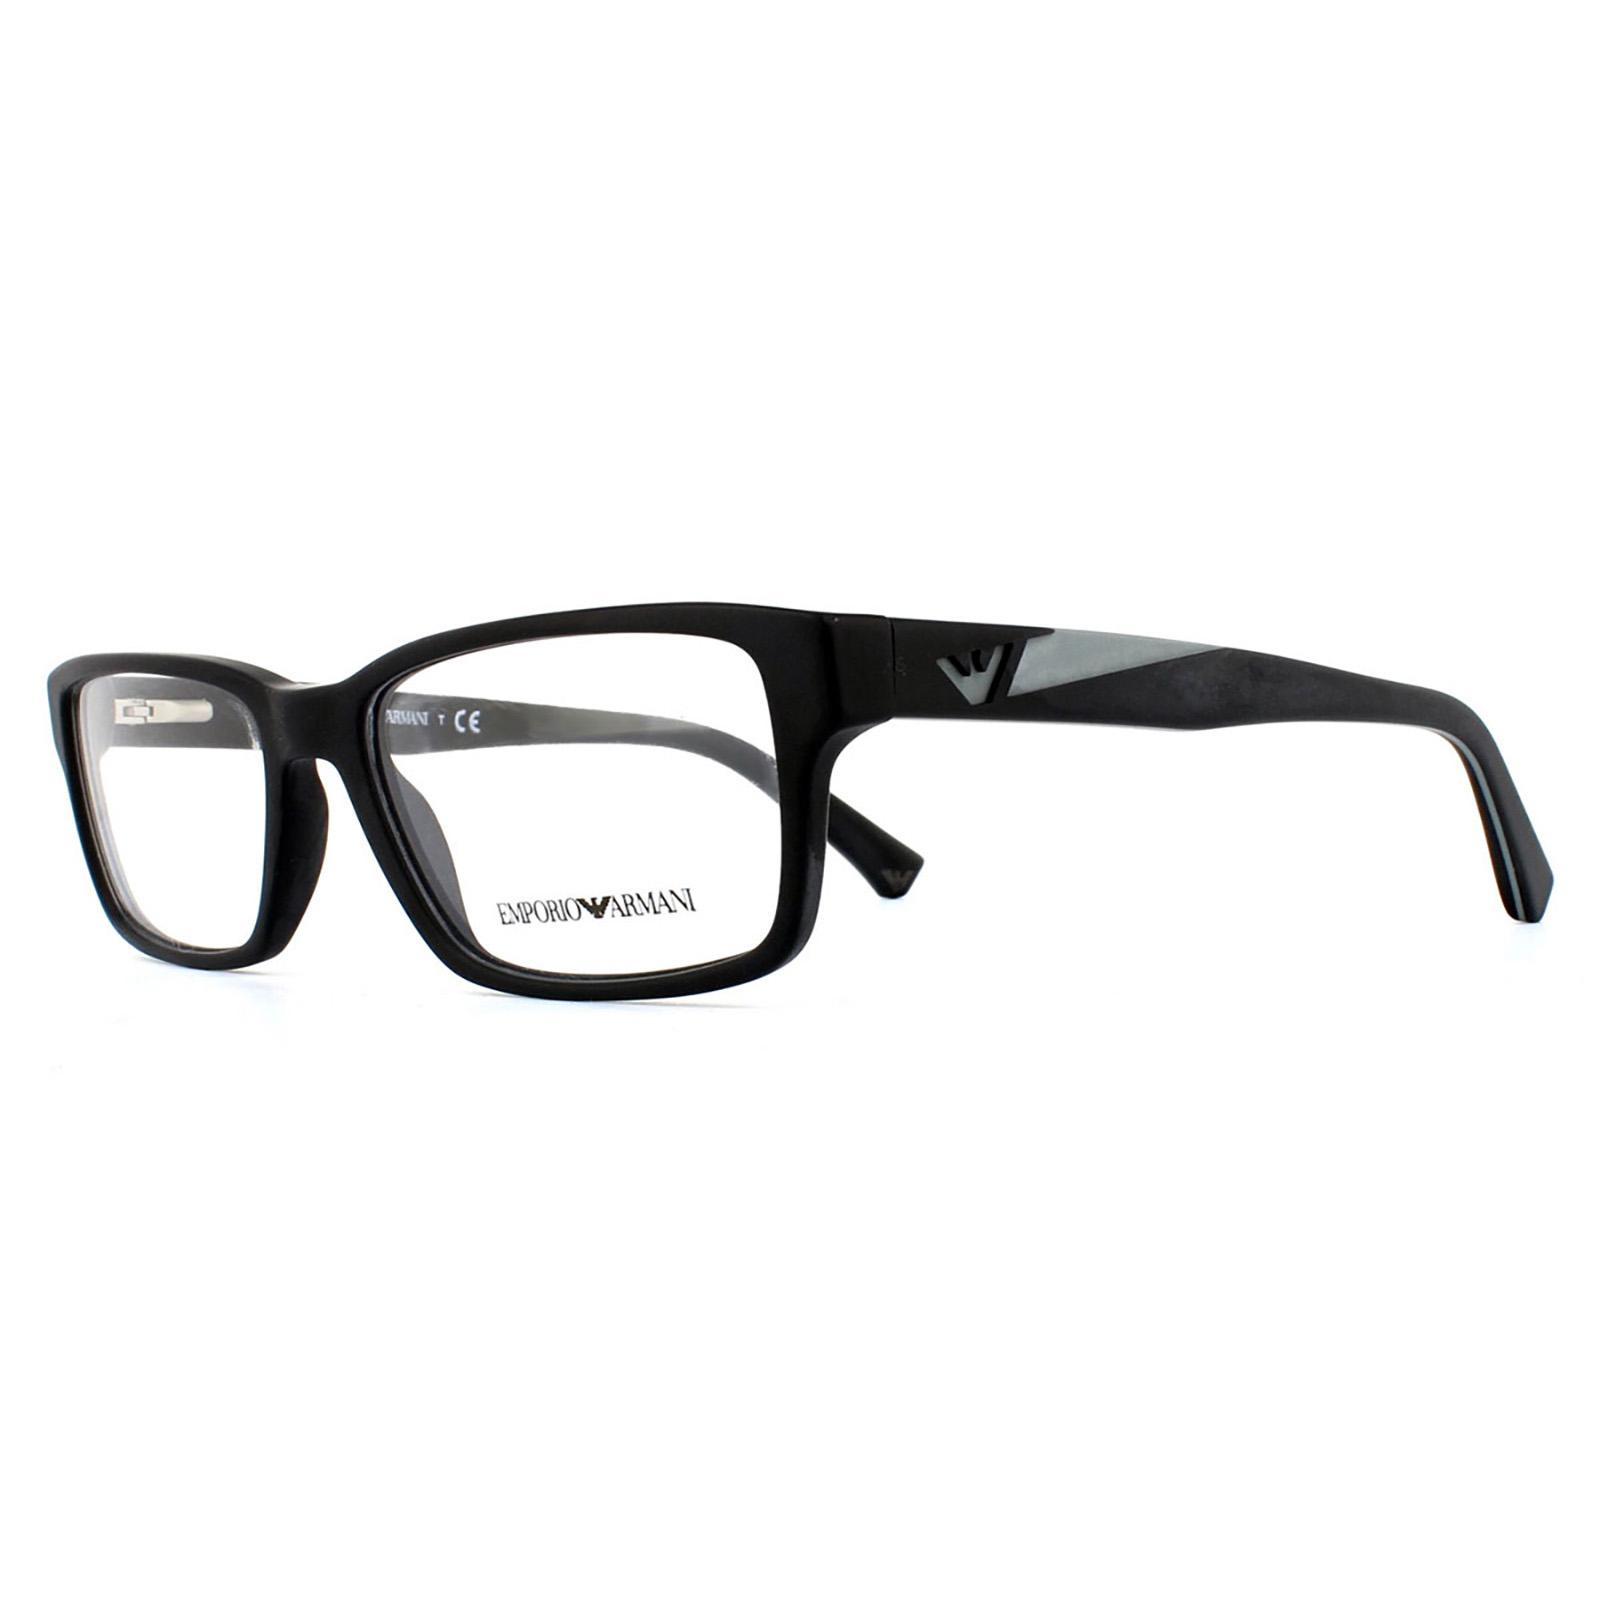 3e5f901f322 Emporio Armani Glasses Frames Prices